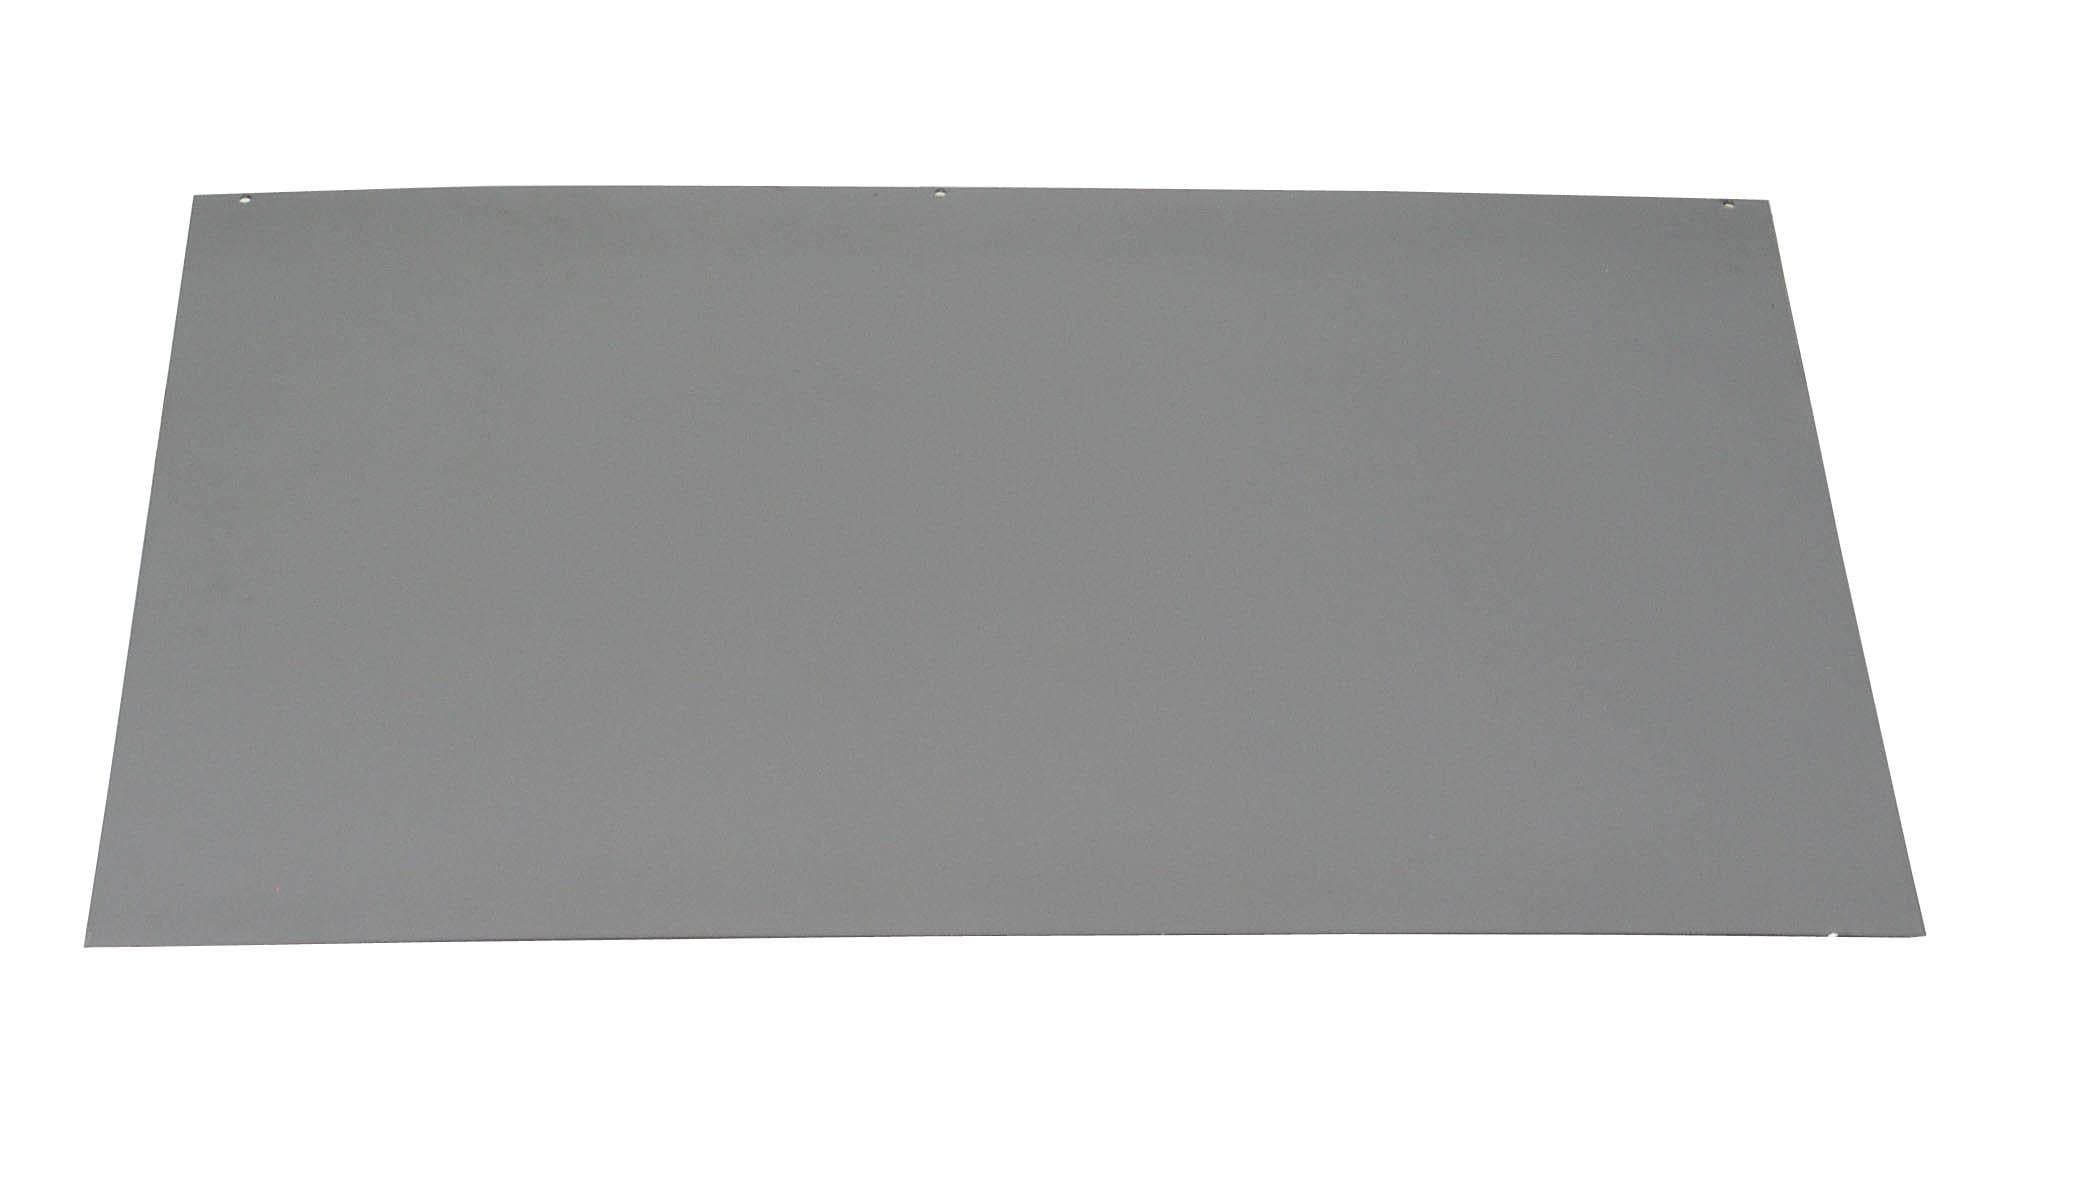 bodenplatte stahl rechteckig grau migros. Black Bedroom Furniture Sets. Home Design Ideas